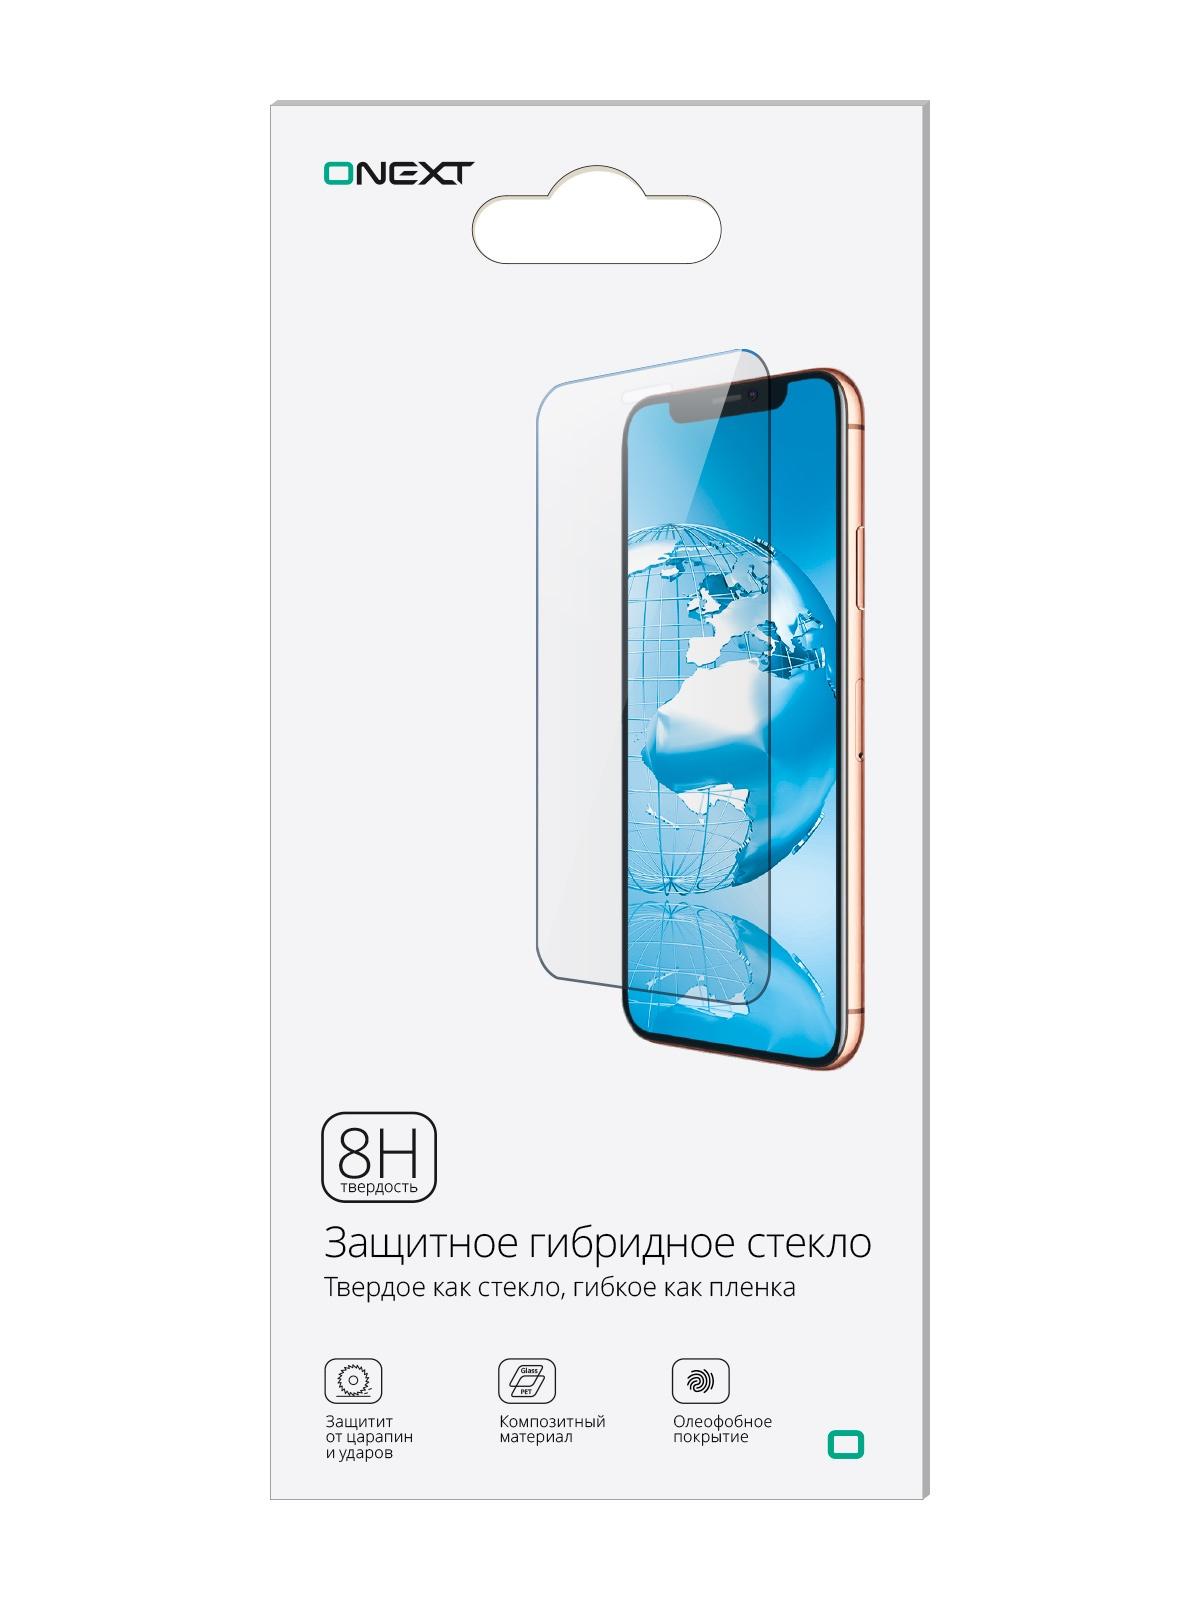 Защитное стекло ONEXT Micromax E481 цена